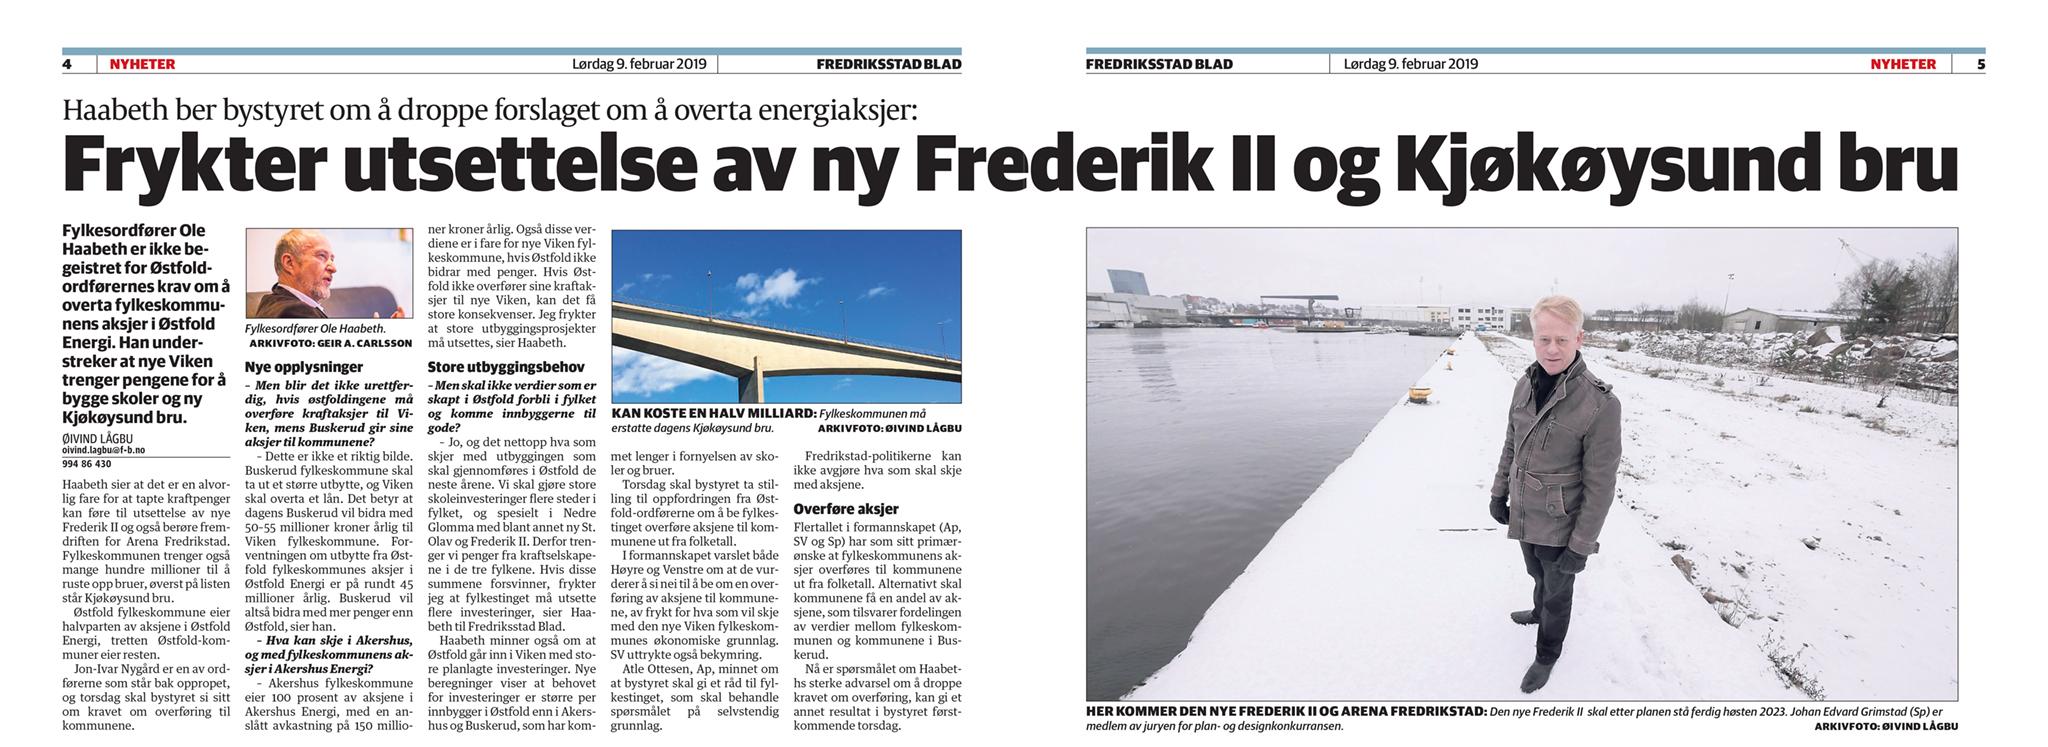 2019-02-09-FB,-Frykter-utsettelse-av-ny-Frederik-II-og-Kjøkøysund-bru-2.jpg